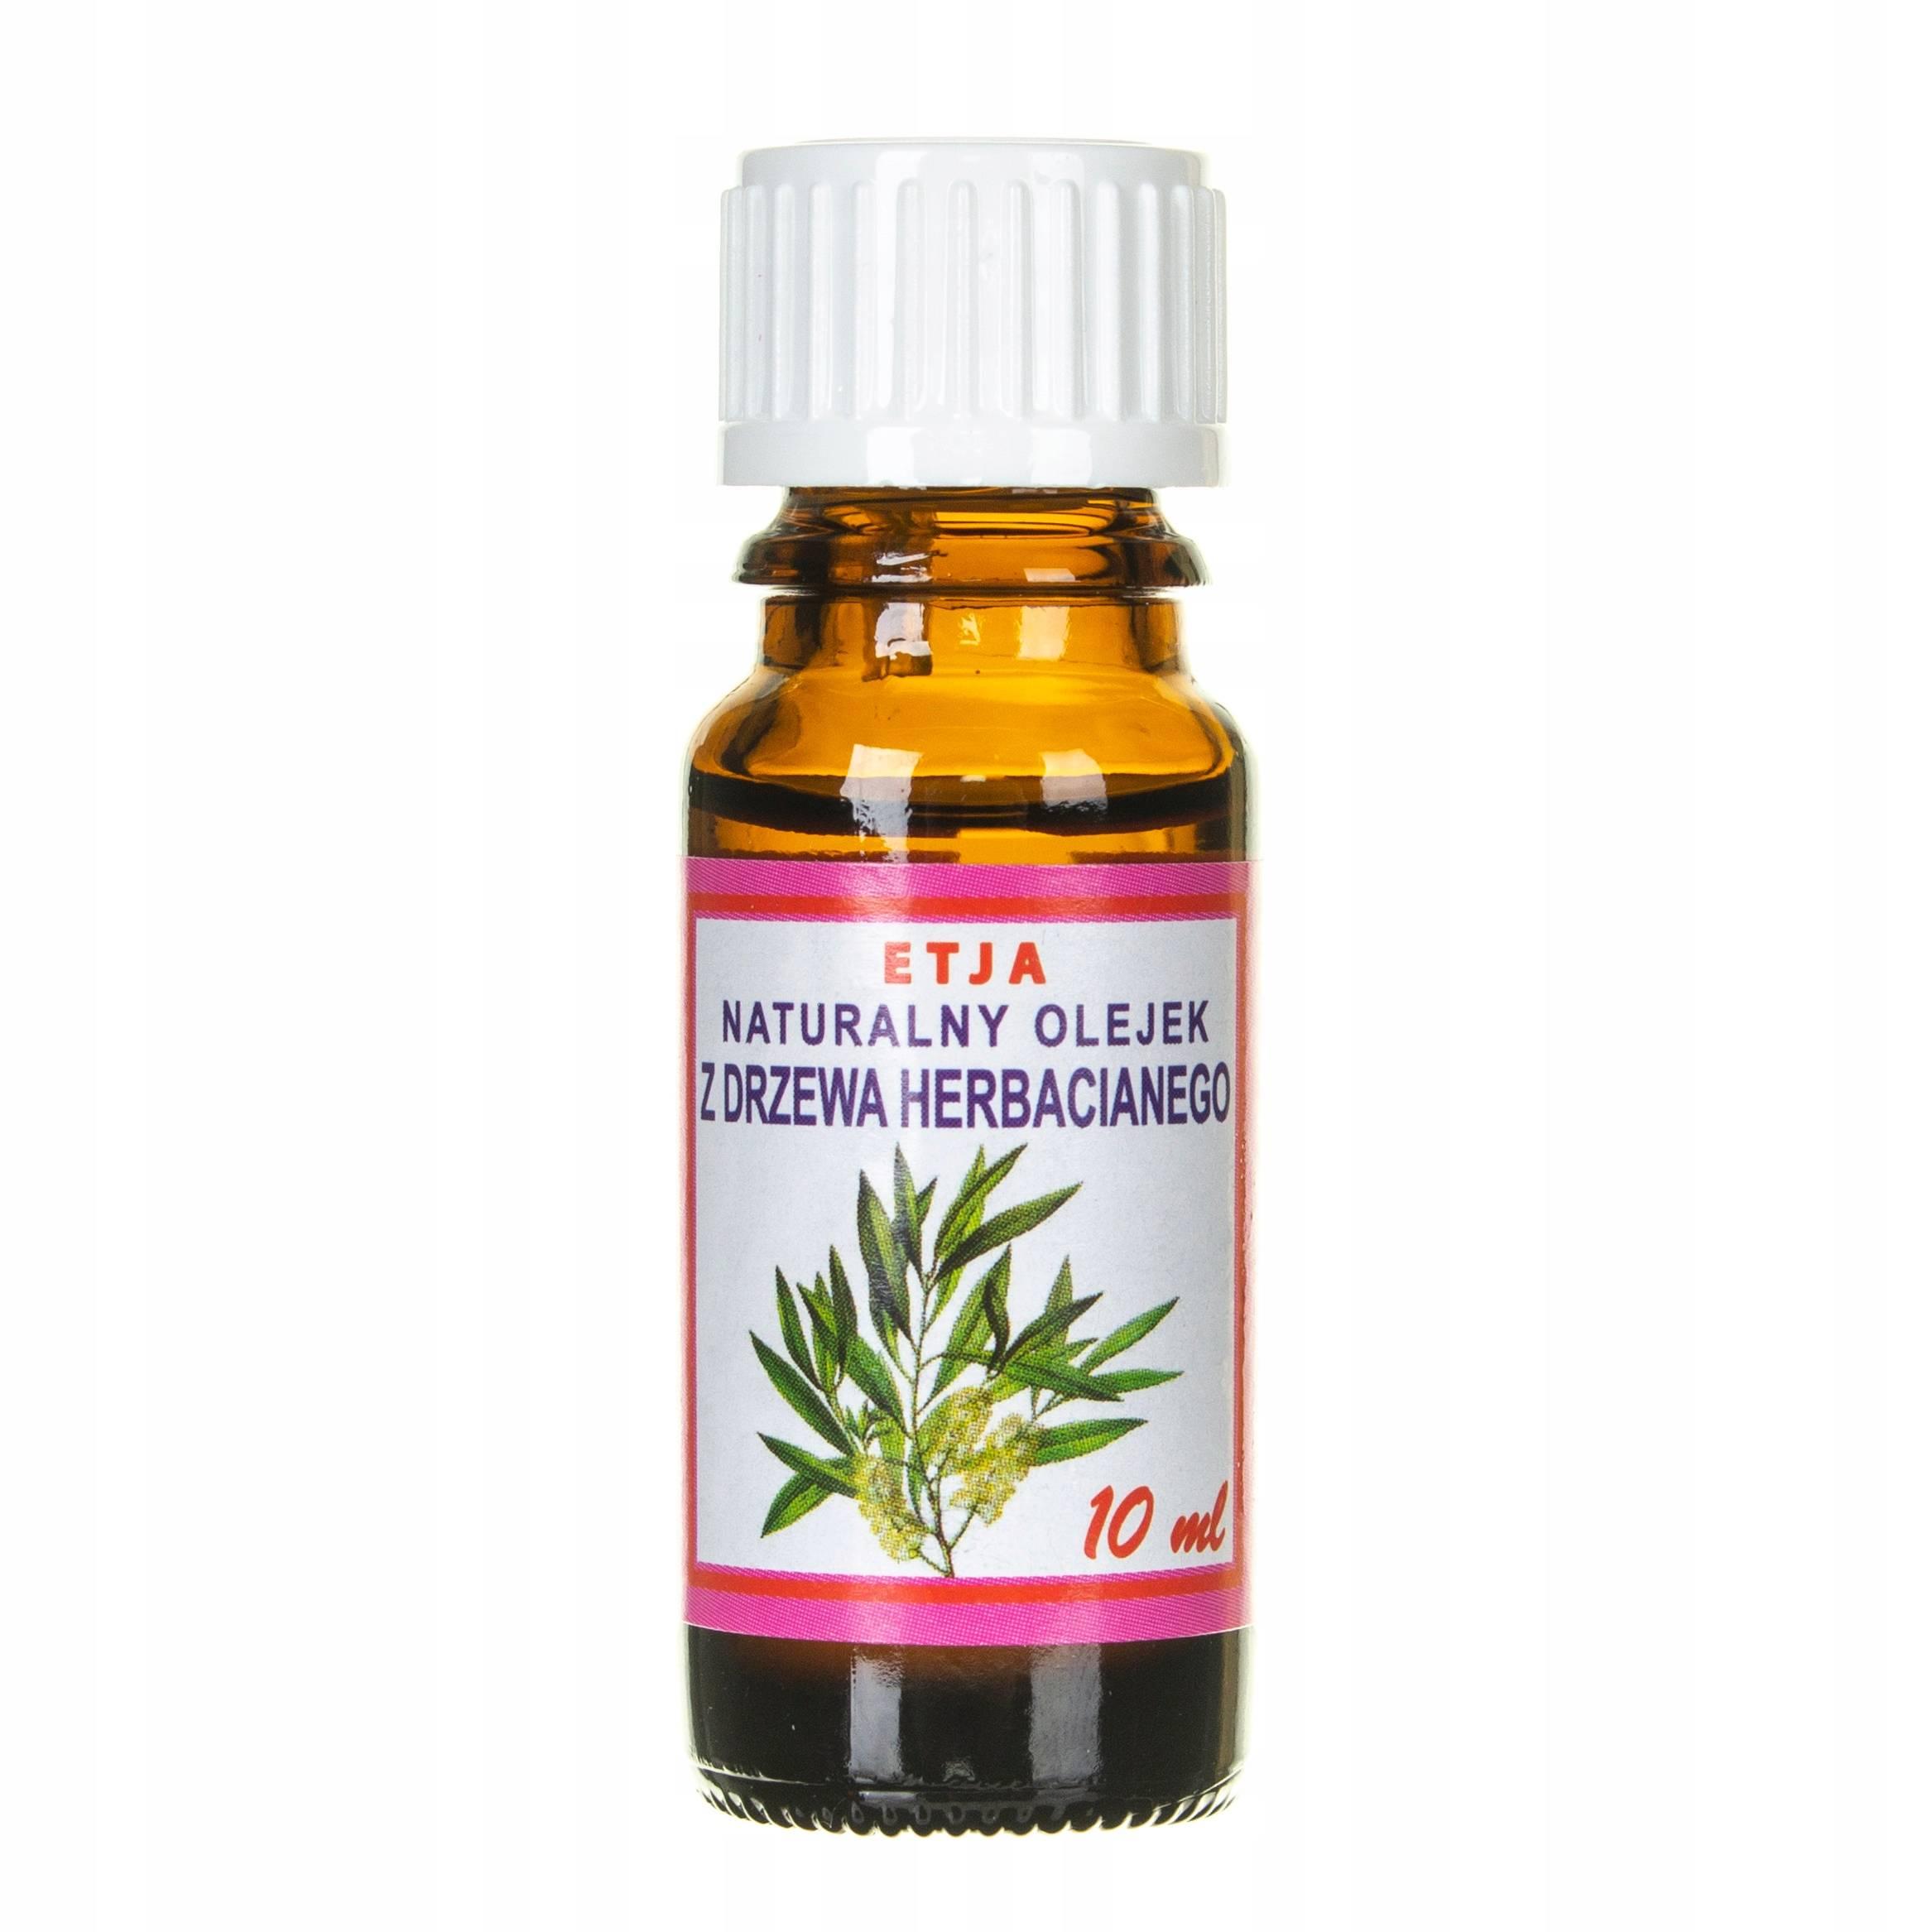 Масло чайного дерева — сильнейший природный антибиотик с необычным действием